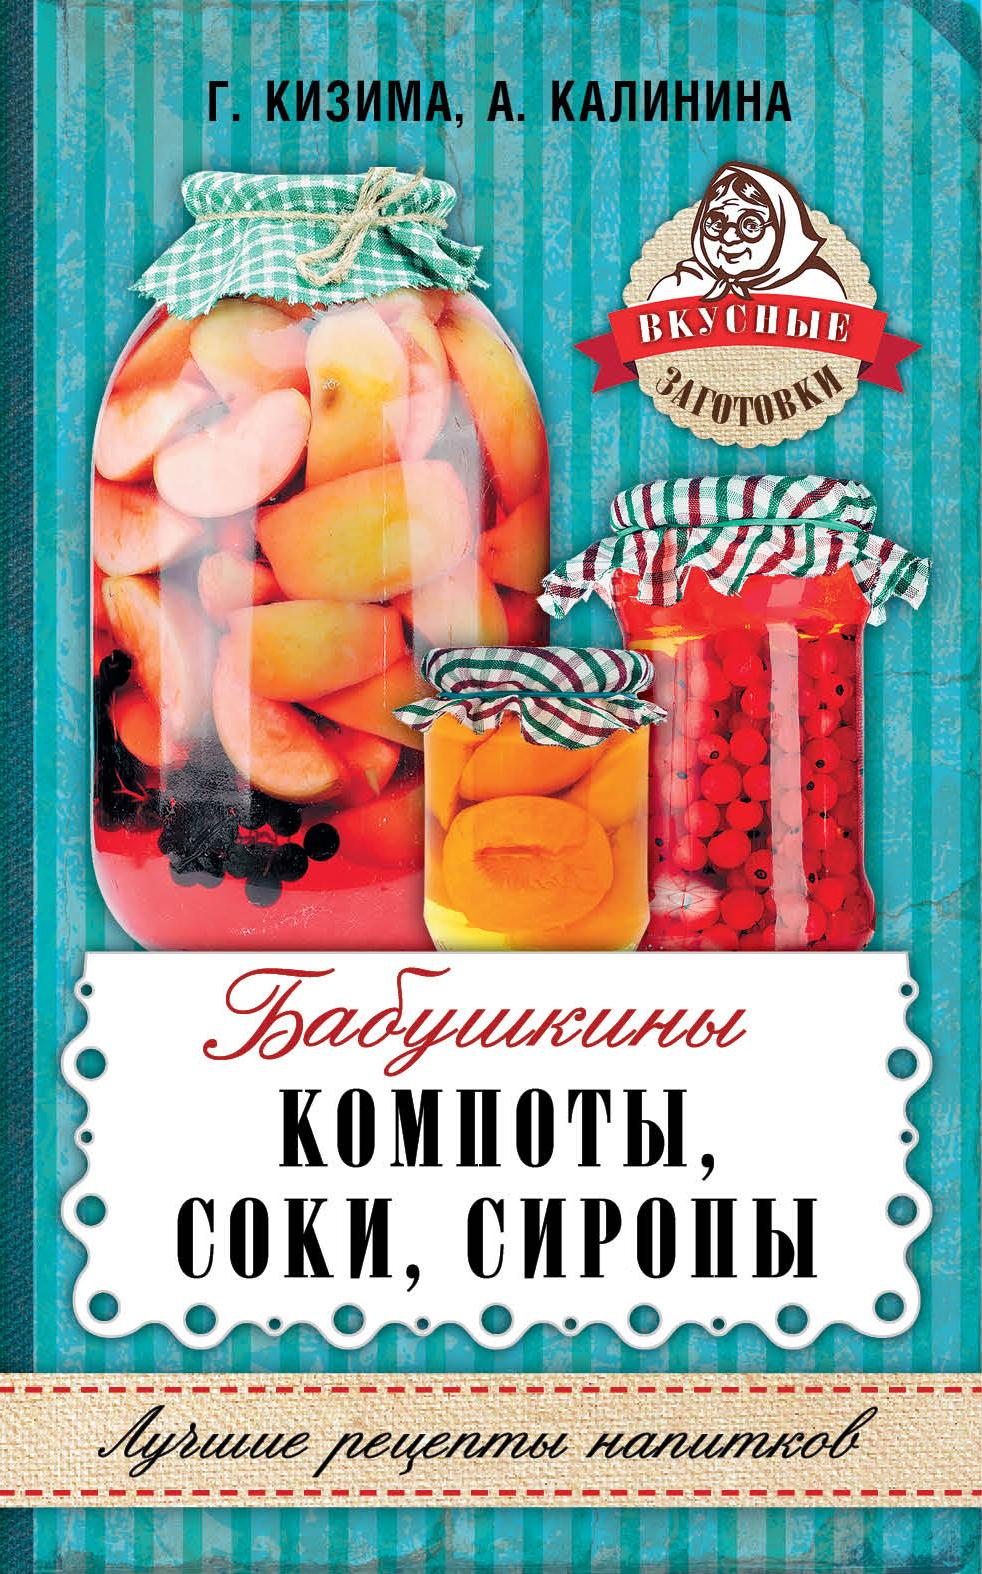 Кизима Г.А., Калинина А.В. Бабушкины компоты, соки, сиропы кизима г а соки компоты сиропы лучшие рецепты напитков из вашего урожая